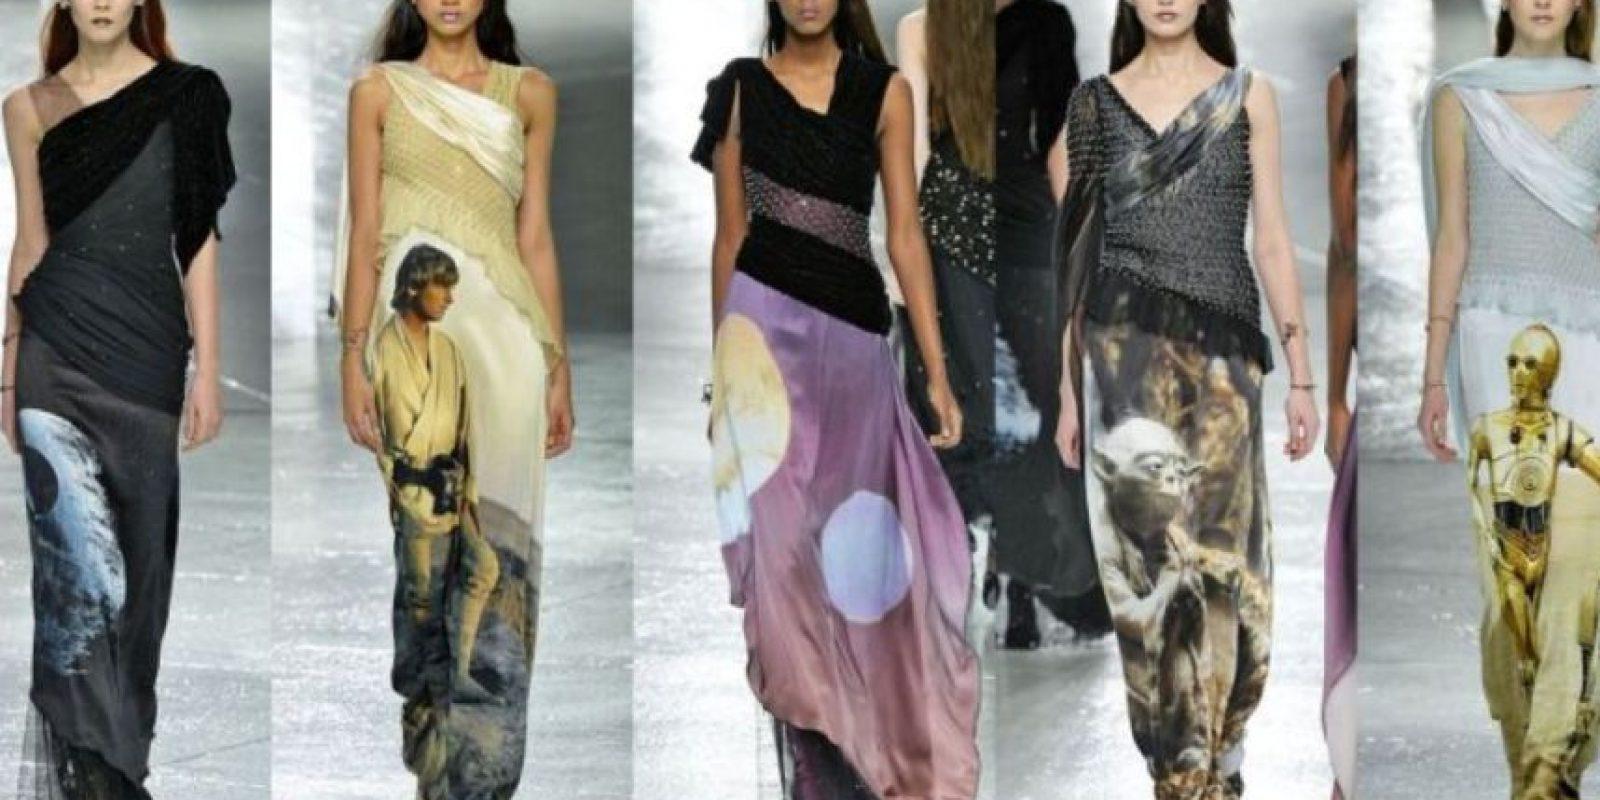 Muy acorde con la tendencia futurista que ha imperado en los últimos dos años. Foto:vía Vogue Runway